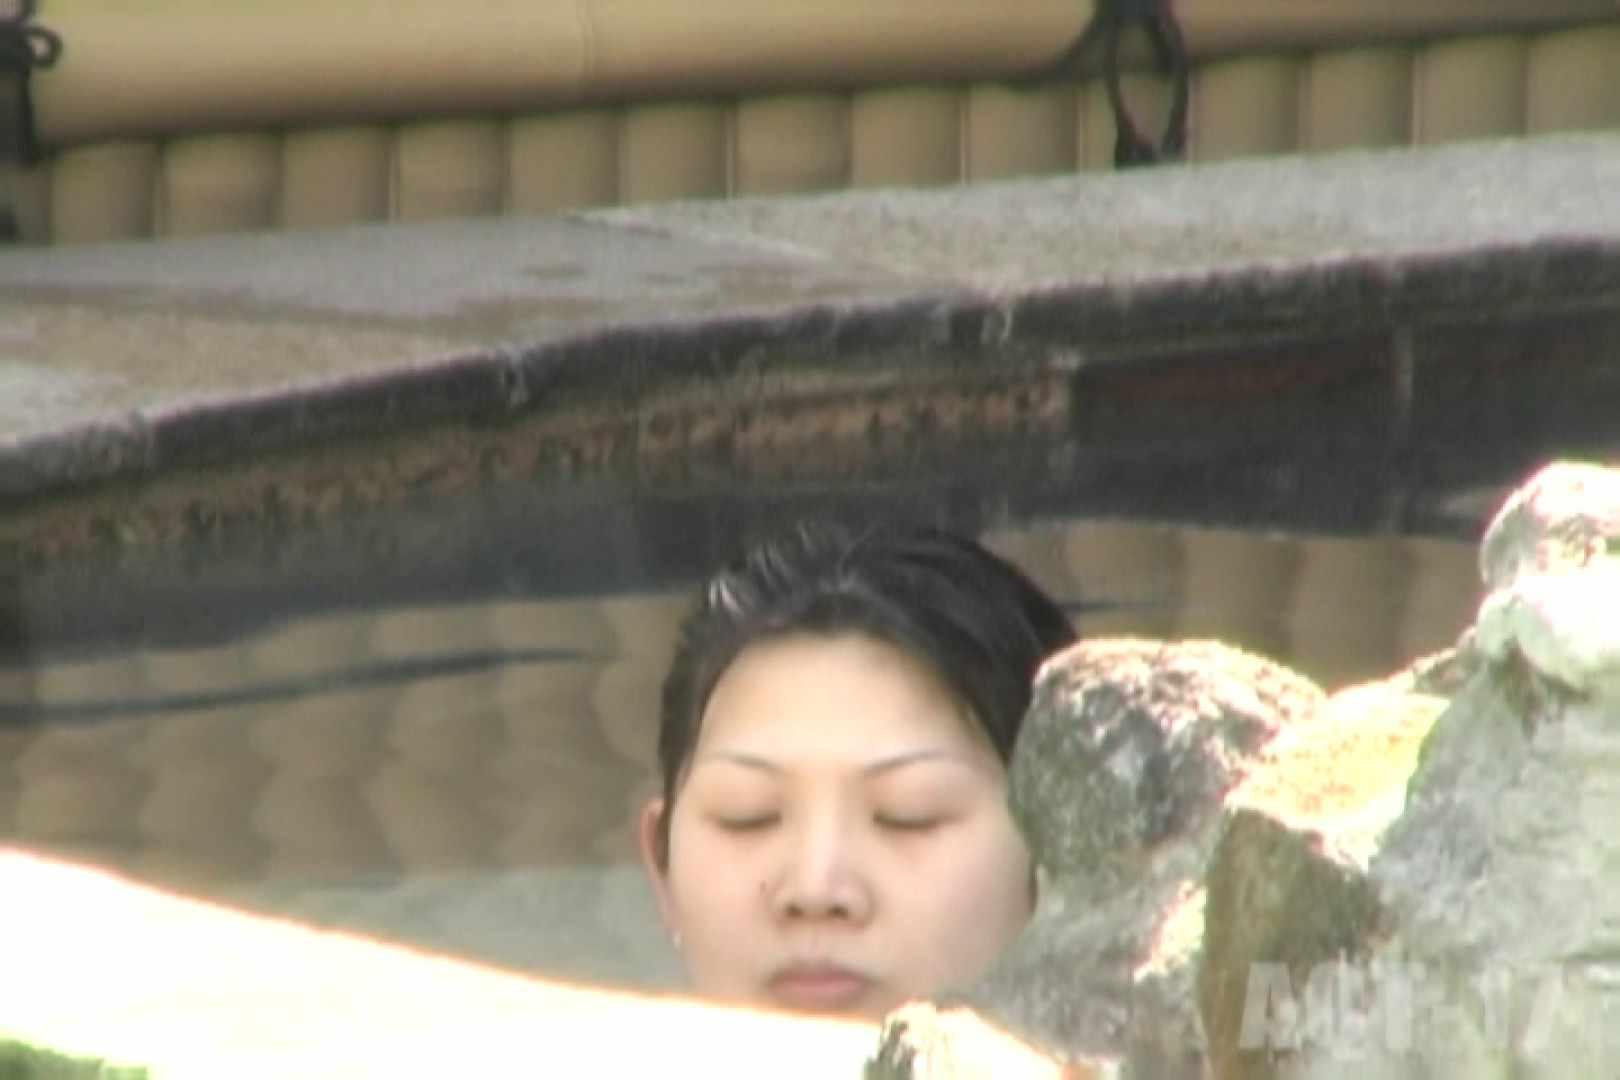 Aquaな露天風呂Vol.850 OLのエロ生活  76連発 27